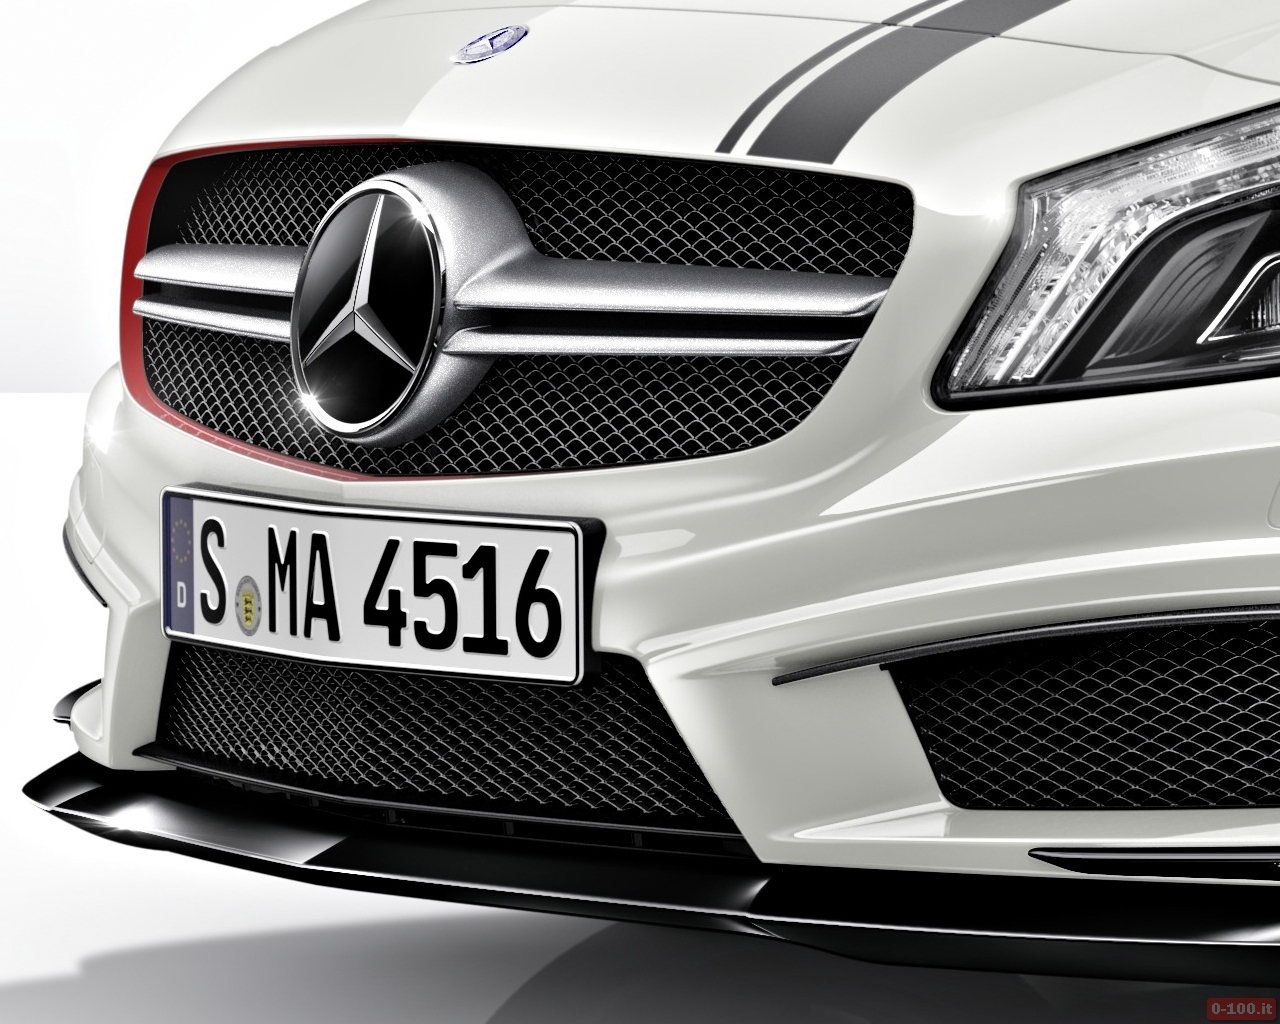 Mercedes-Benz A 45 AMG (W 176) 2013